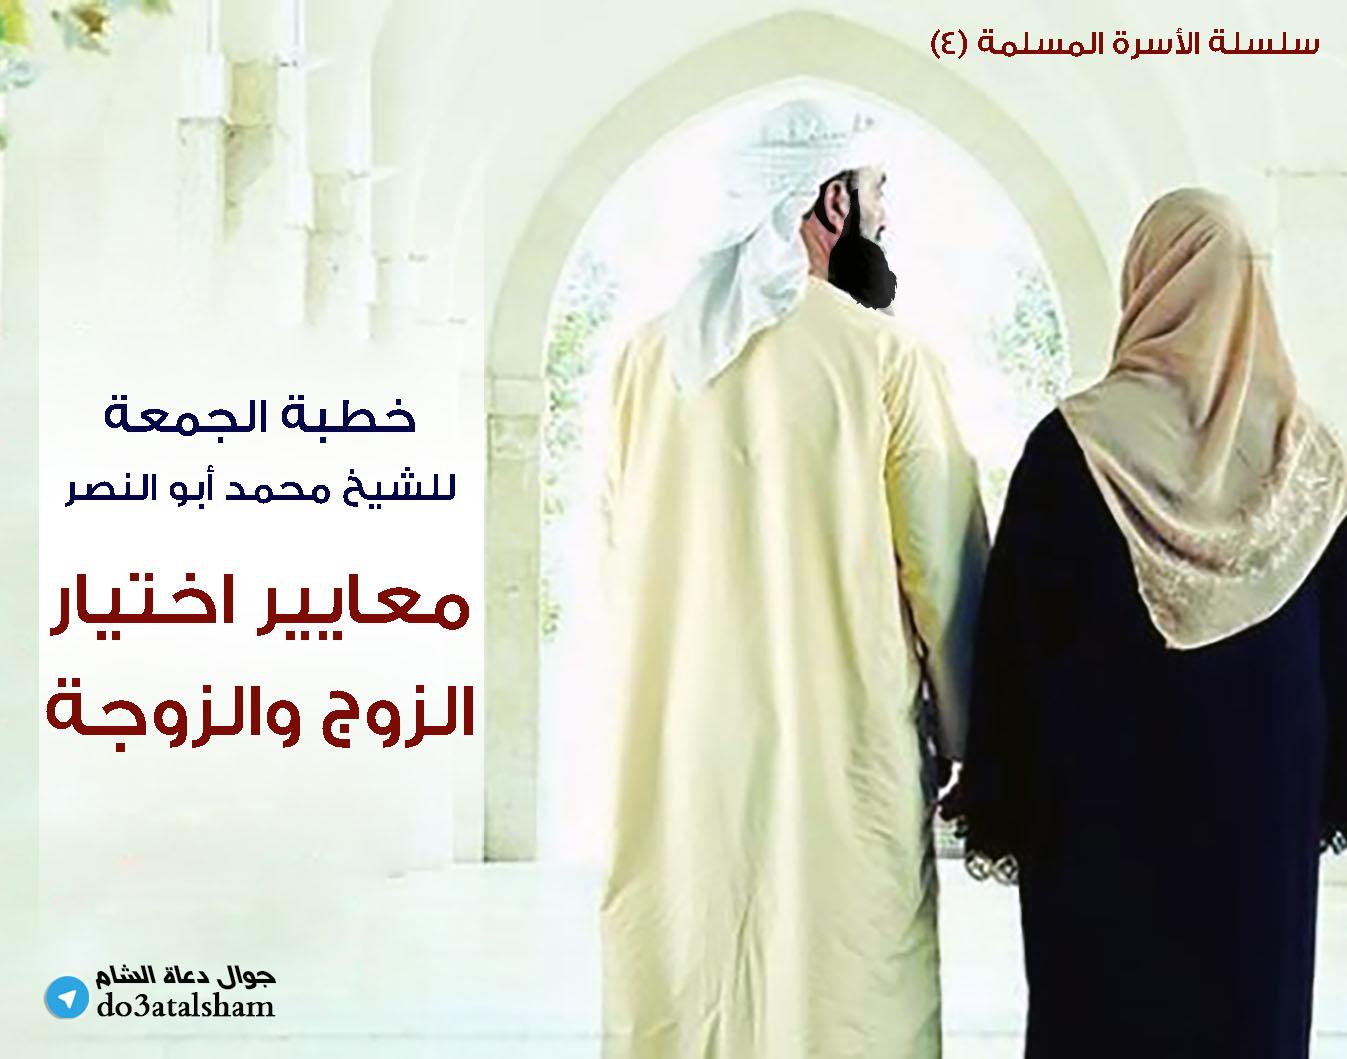 سلسلة الأسرة المسلمة 4 معايير اختيار الزوج والزوجة تجمع دعاة الشام